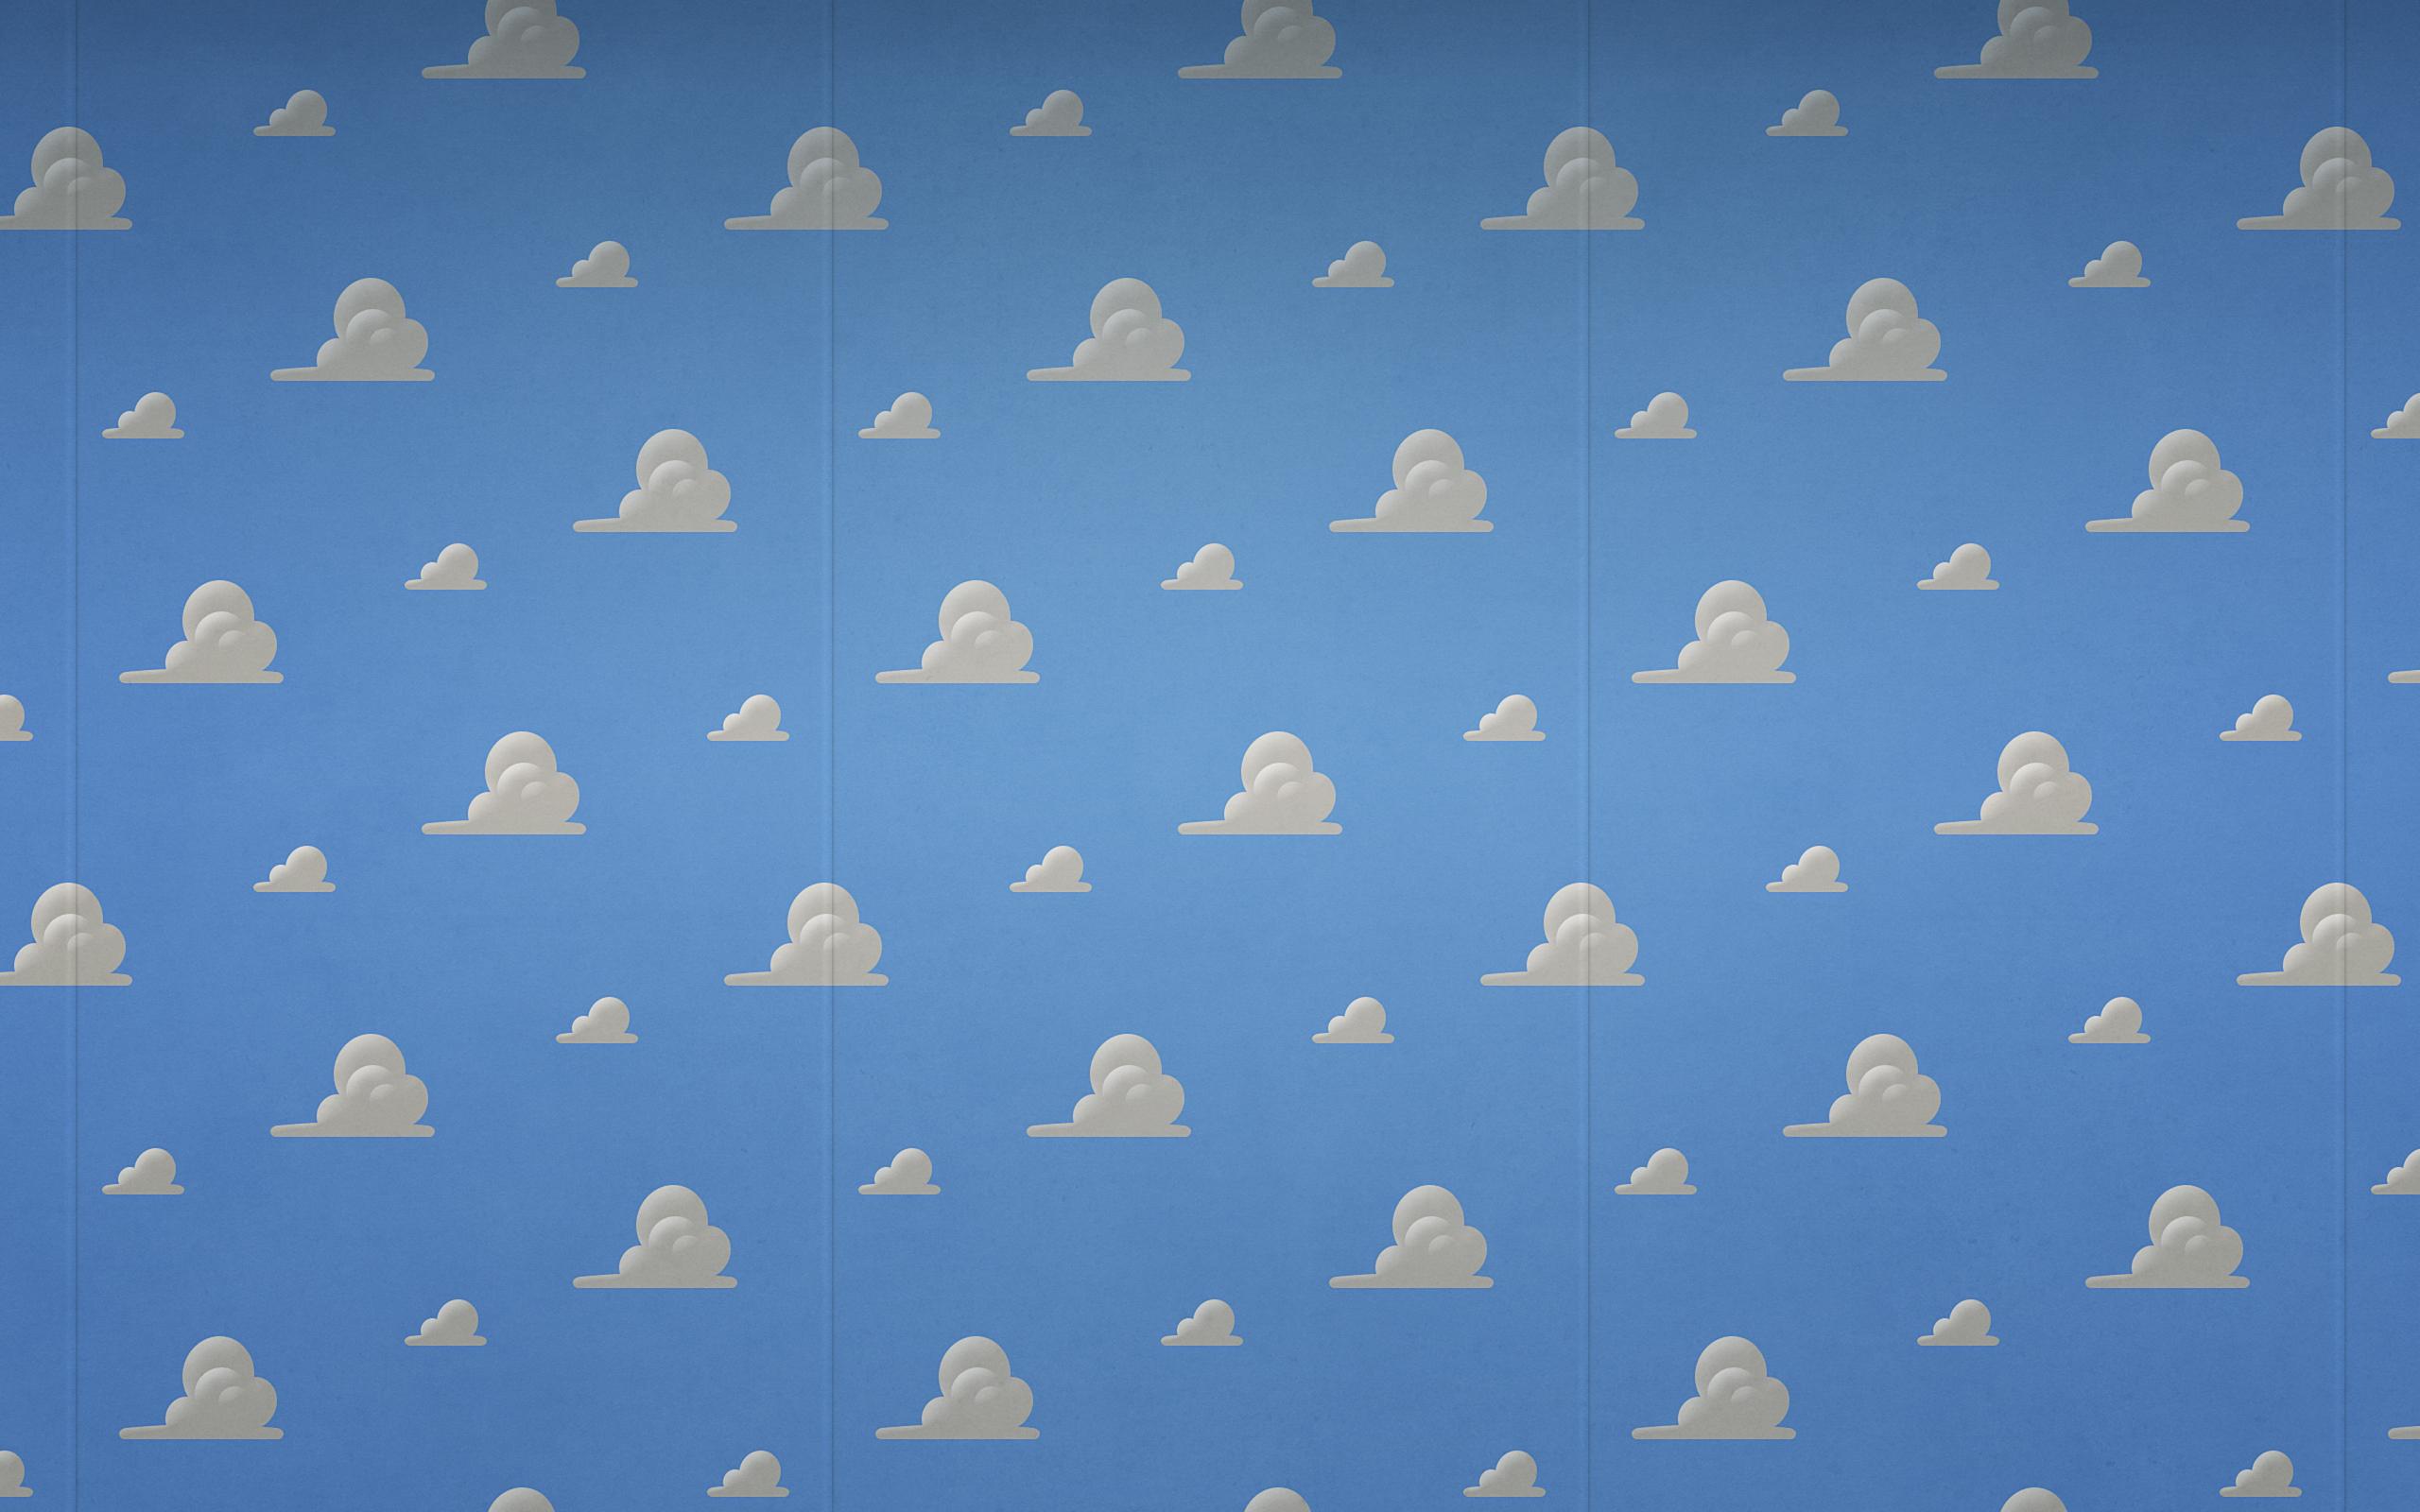 トイストーリーの雲の壁紙